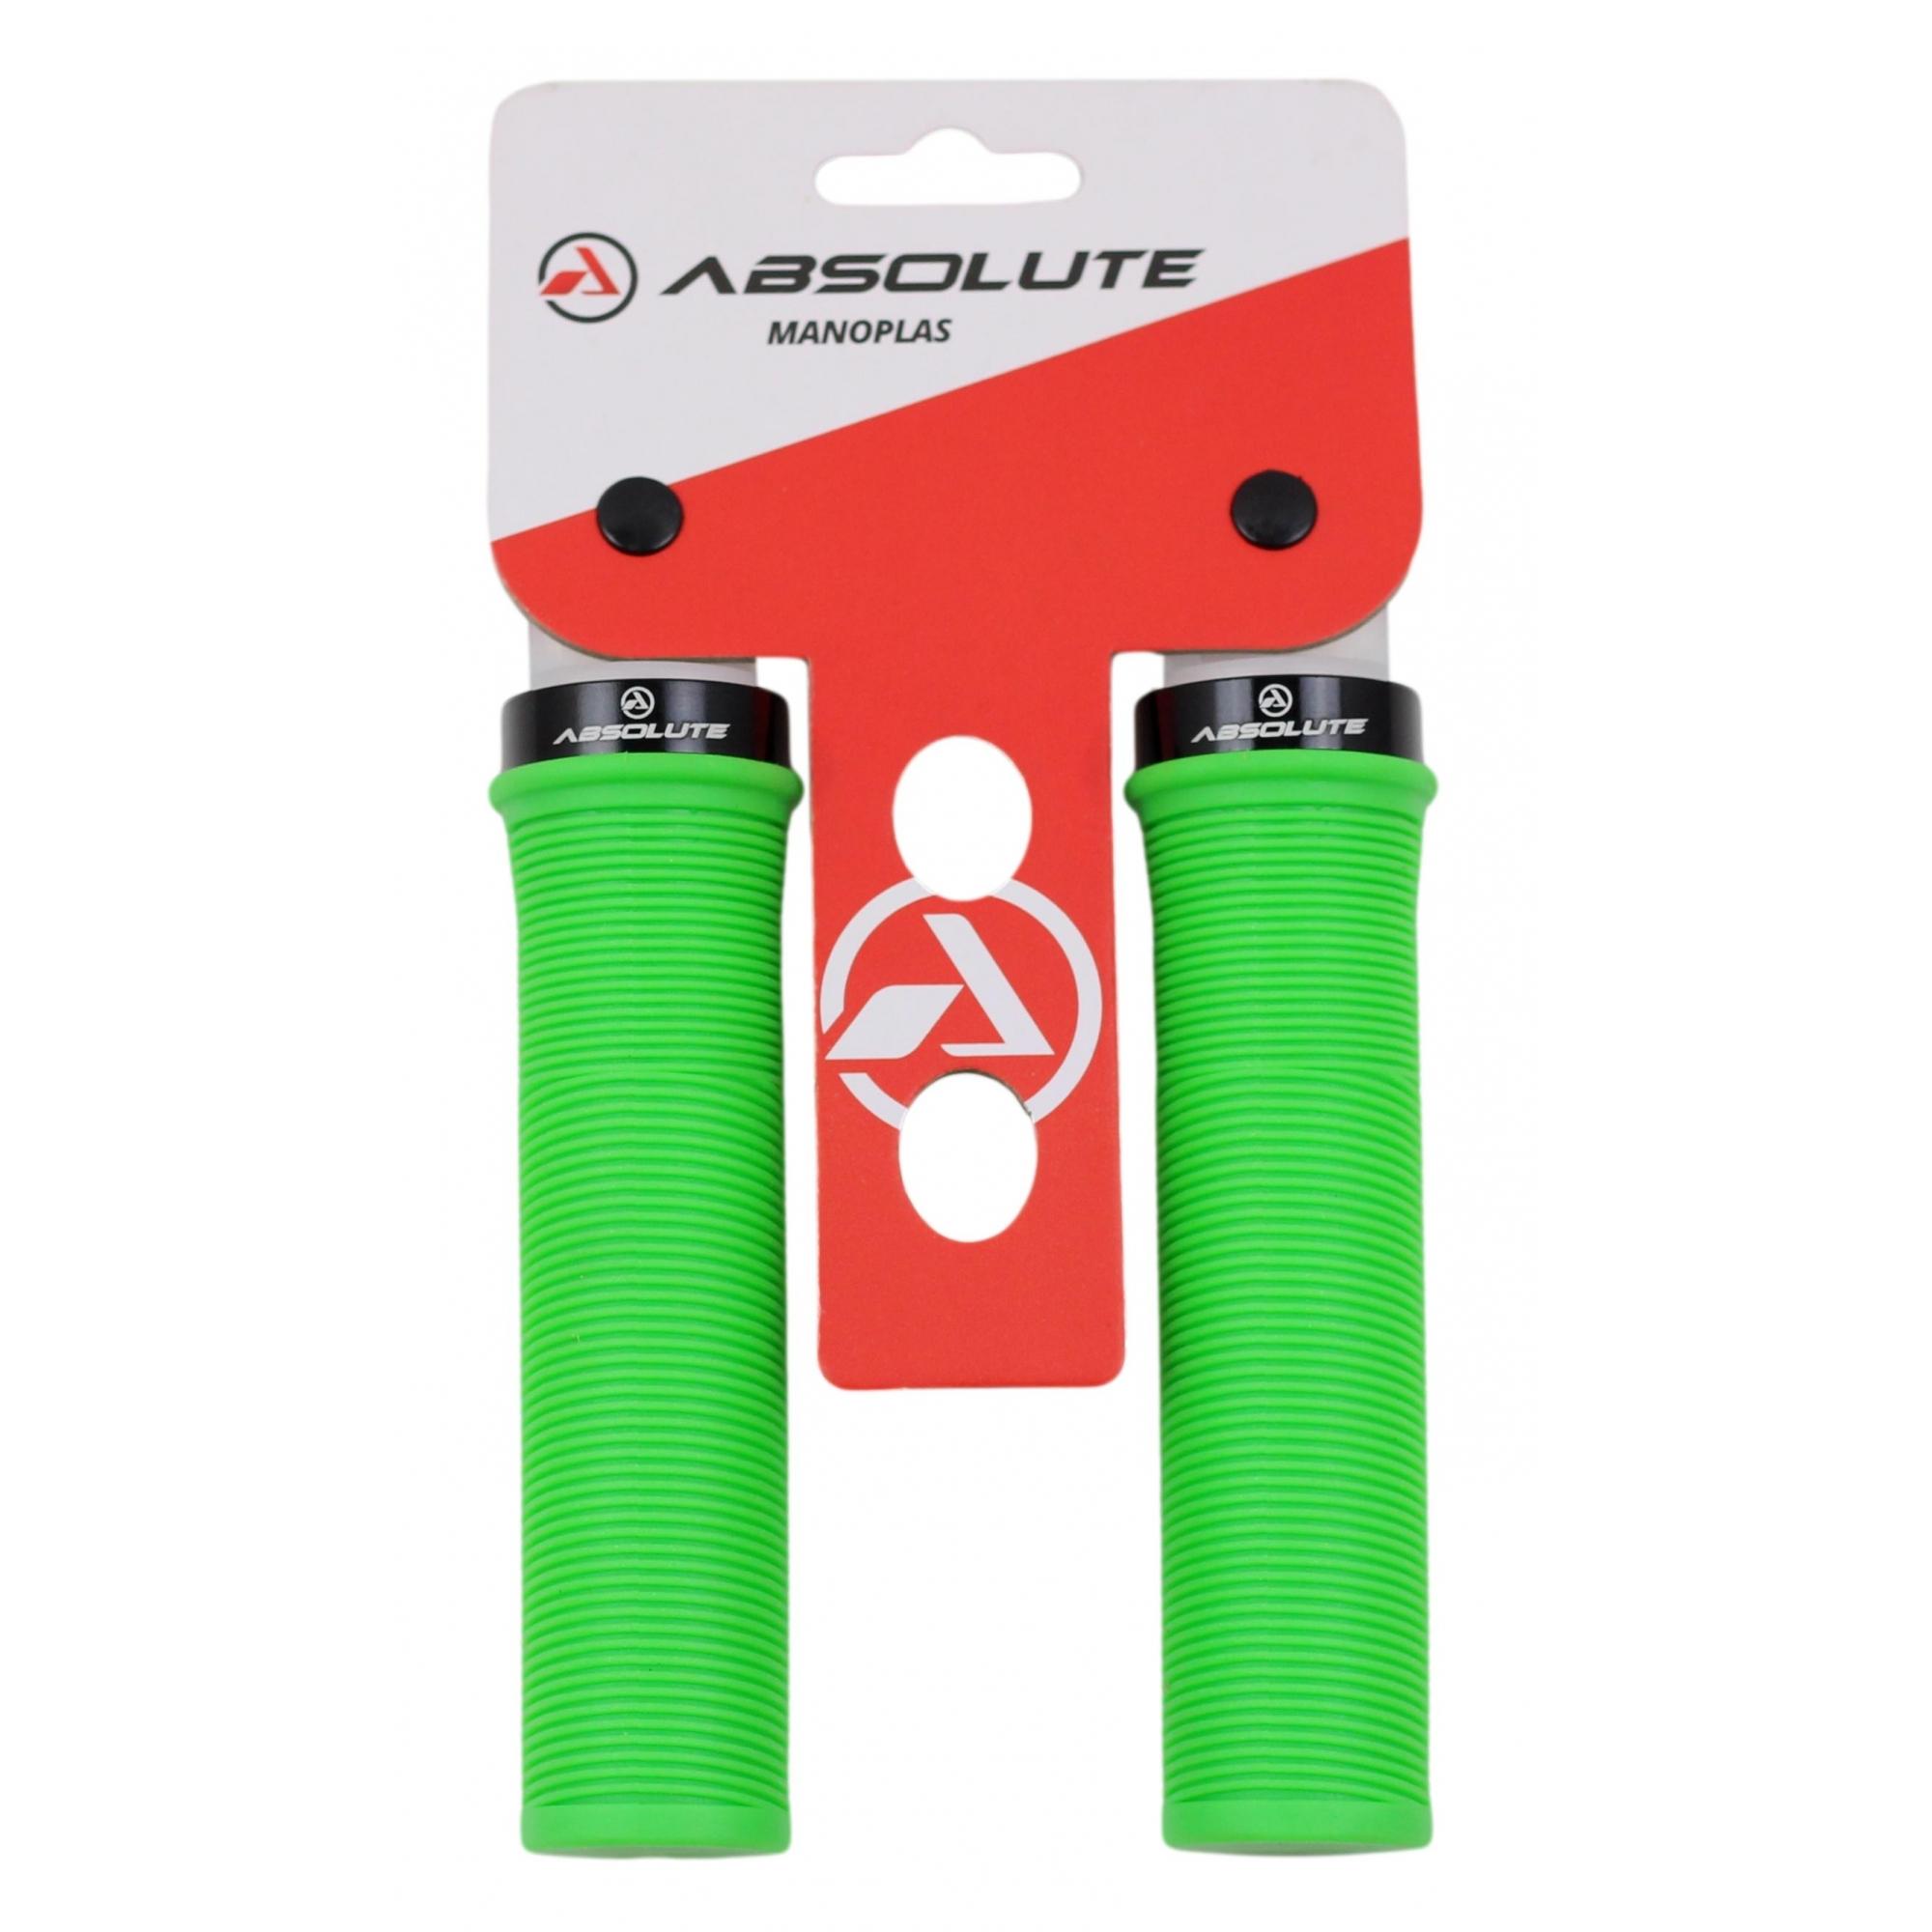 Manopla Bicicleta Absolute LG1 Lock Grip Em Borracha Com Trava de Alumínio Várias Cores